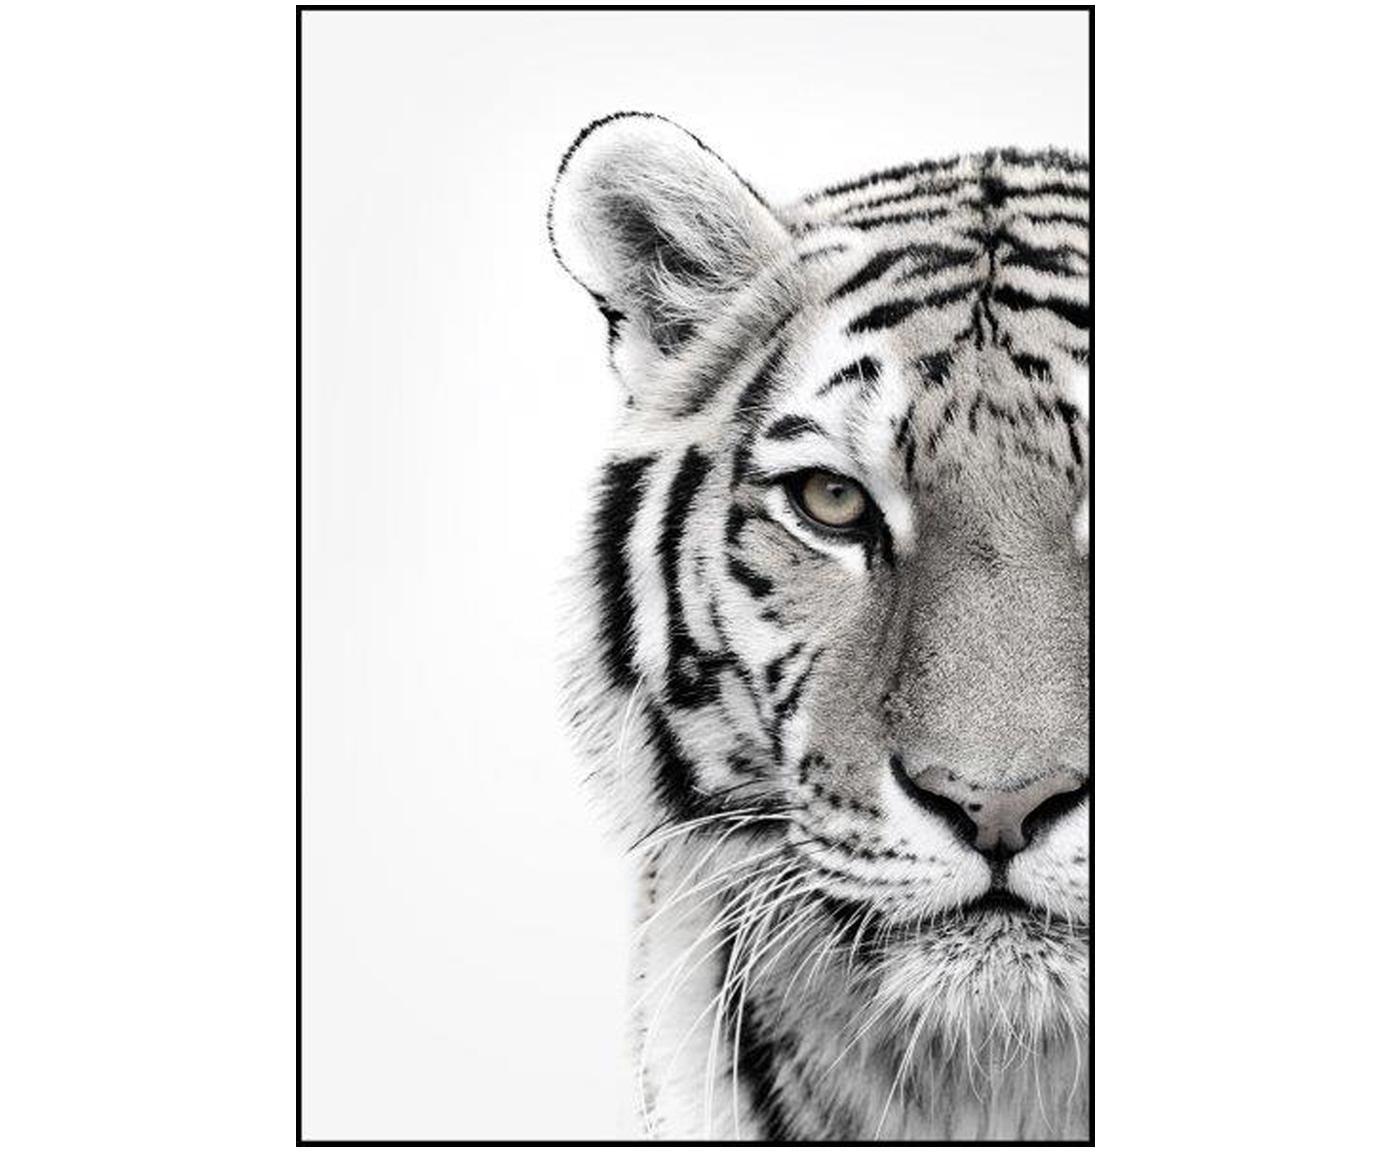 Gerahmter Digitaldruck White Tiger, Bild: Digitaldruck auf Papier (, Rahmen: Hochdichte Holzfaserplatt, Schwarz, Weiß, 50 x 70 cm